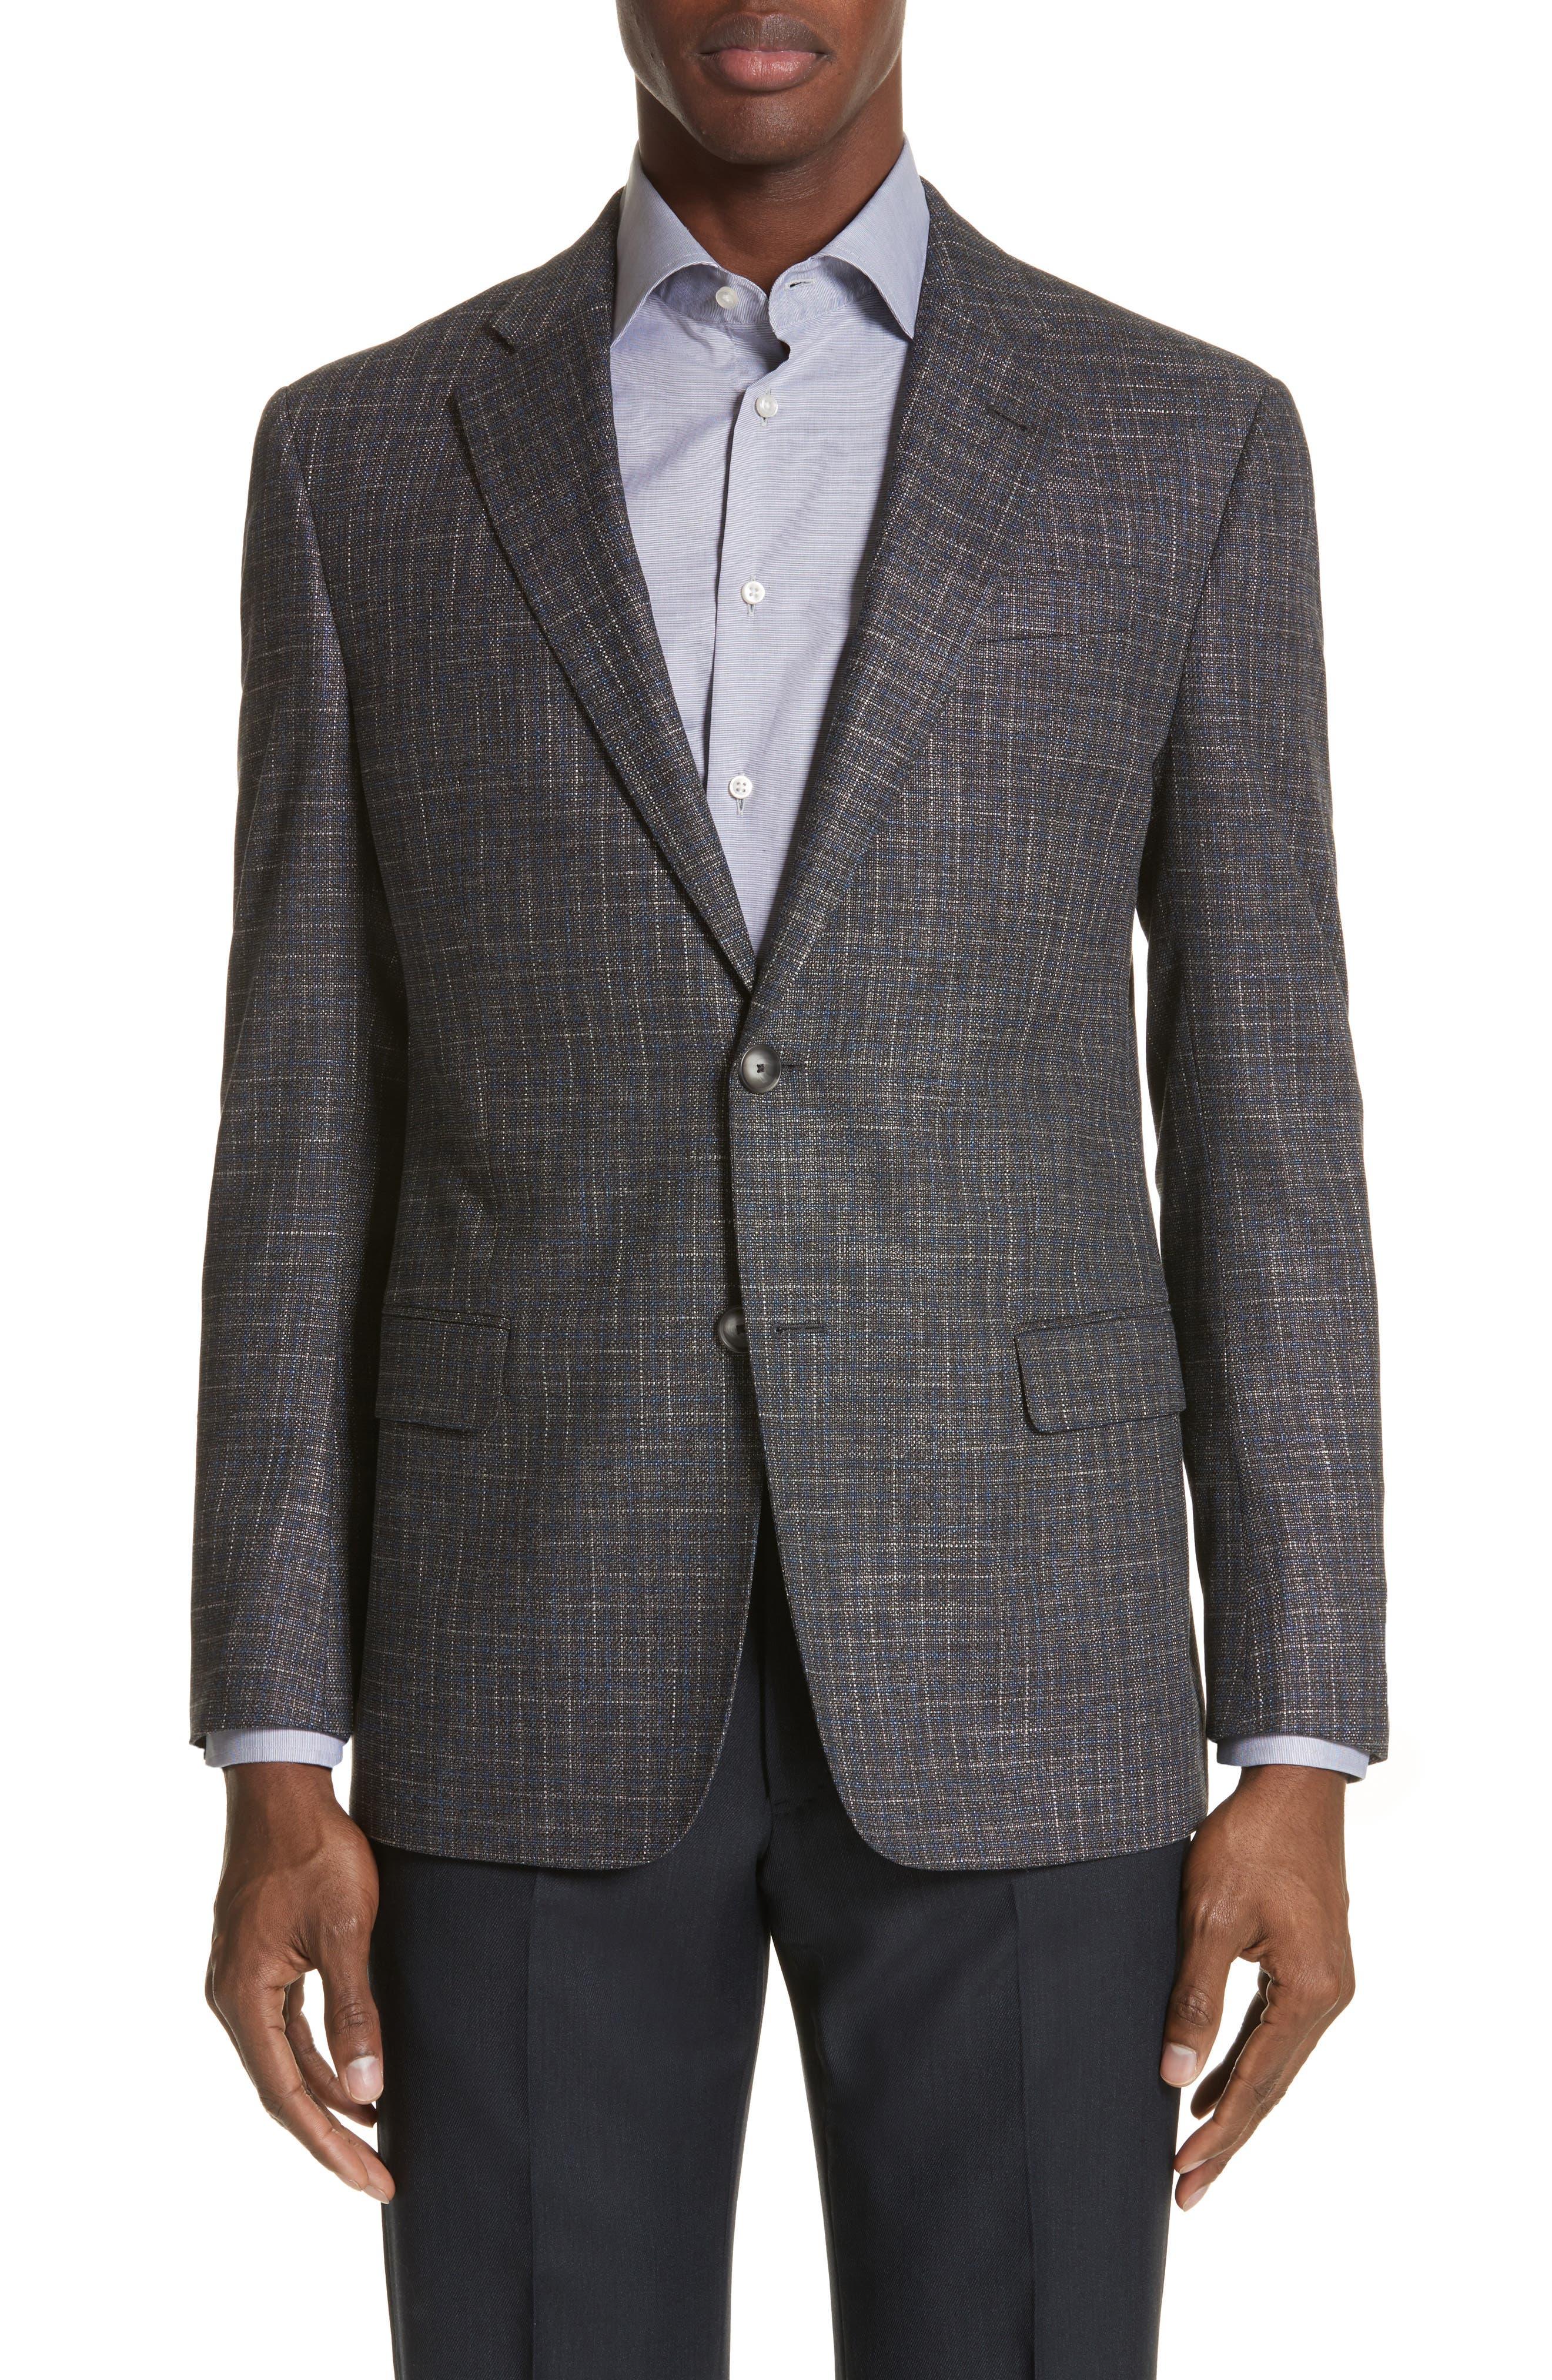 G-Line Trim Fit Check Sport Coat,                         Main,                         color,